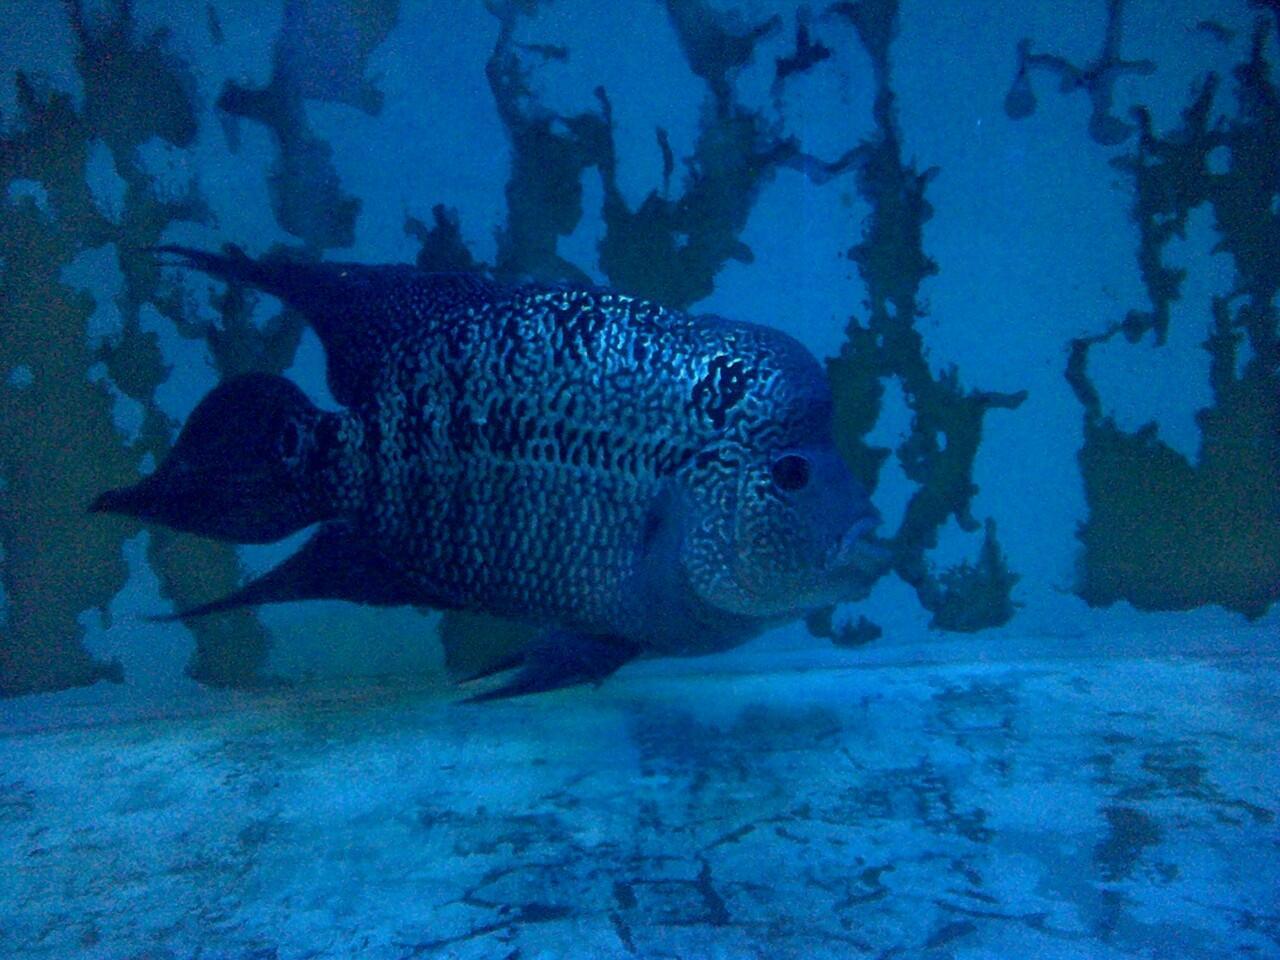 Jual Aquarium + Louhan + Perlengkapan Mumer Abies.....